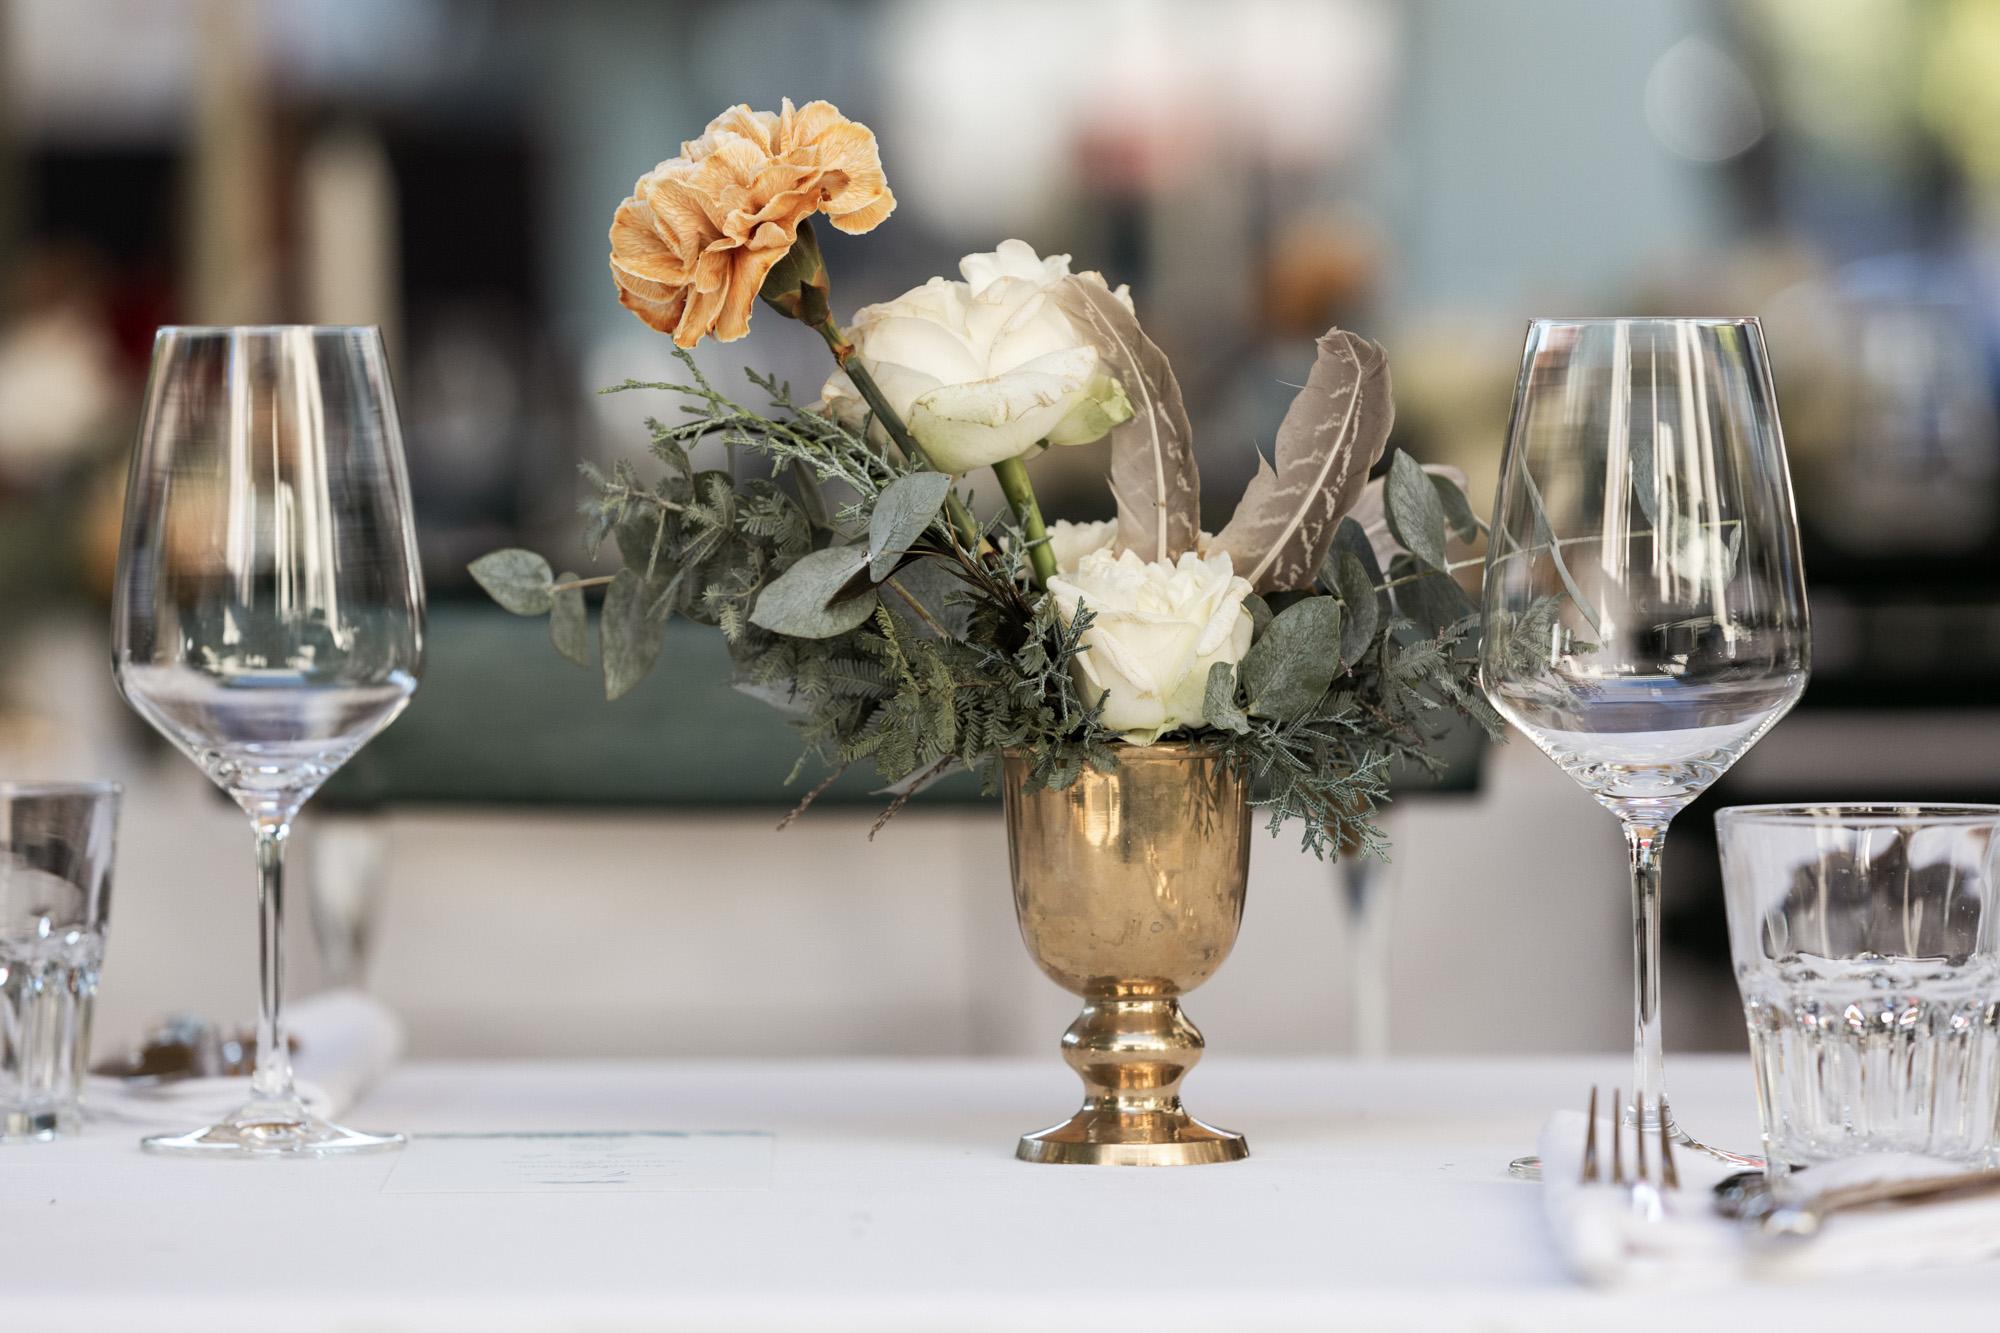 Hochzeit im Turbinenhaus in Basel - Hochzeits Tischdekoration